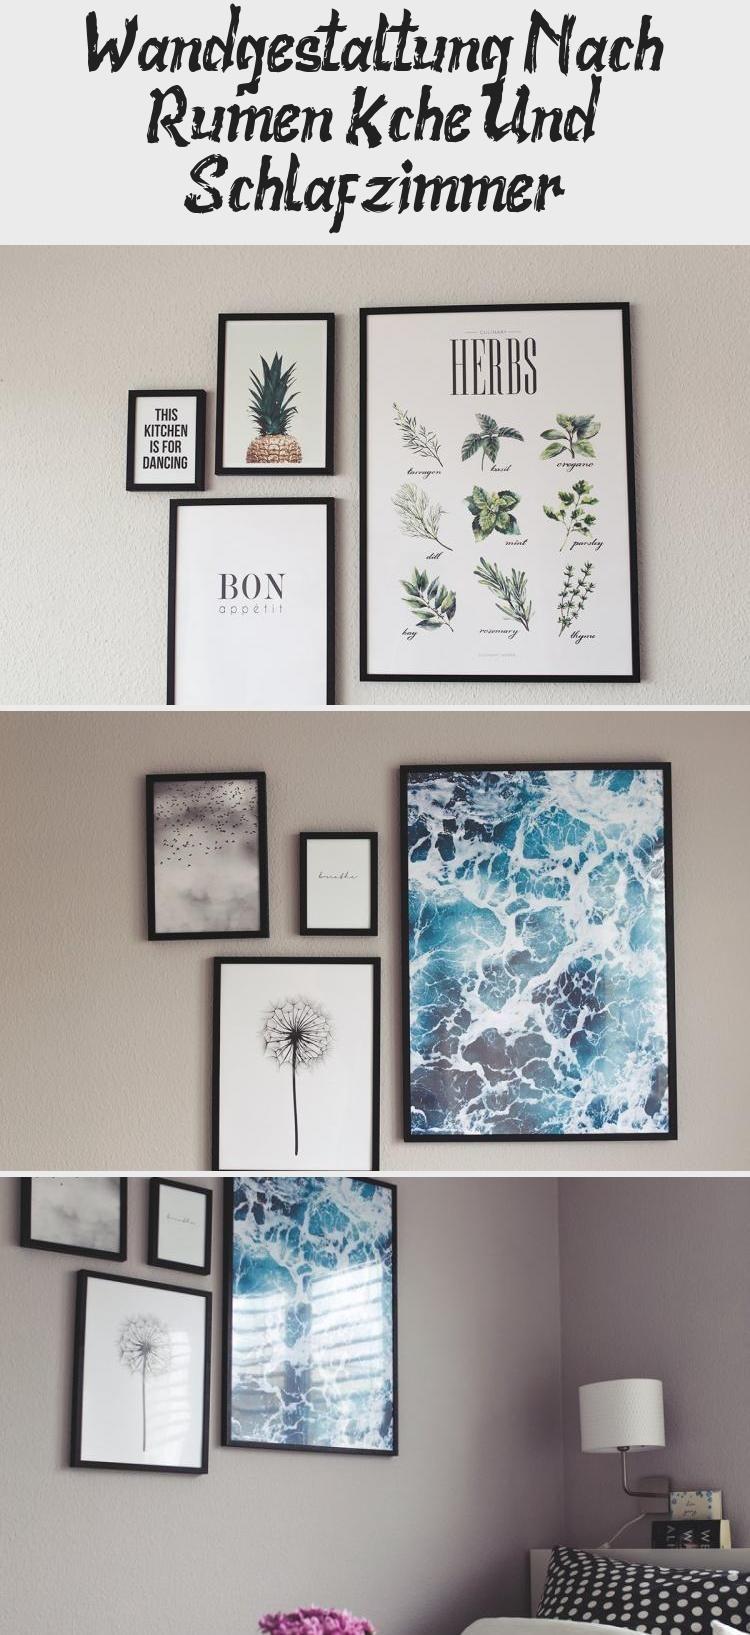 Wandgestaltung Nach Räumen: Küche Und Schlafzimmer in 19  Decor